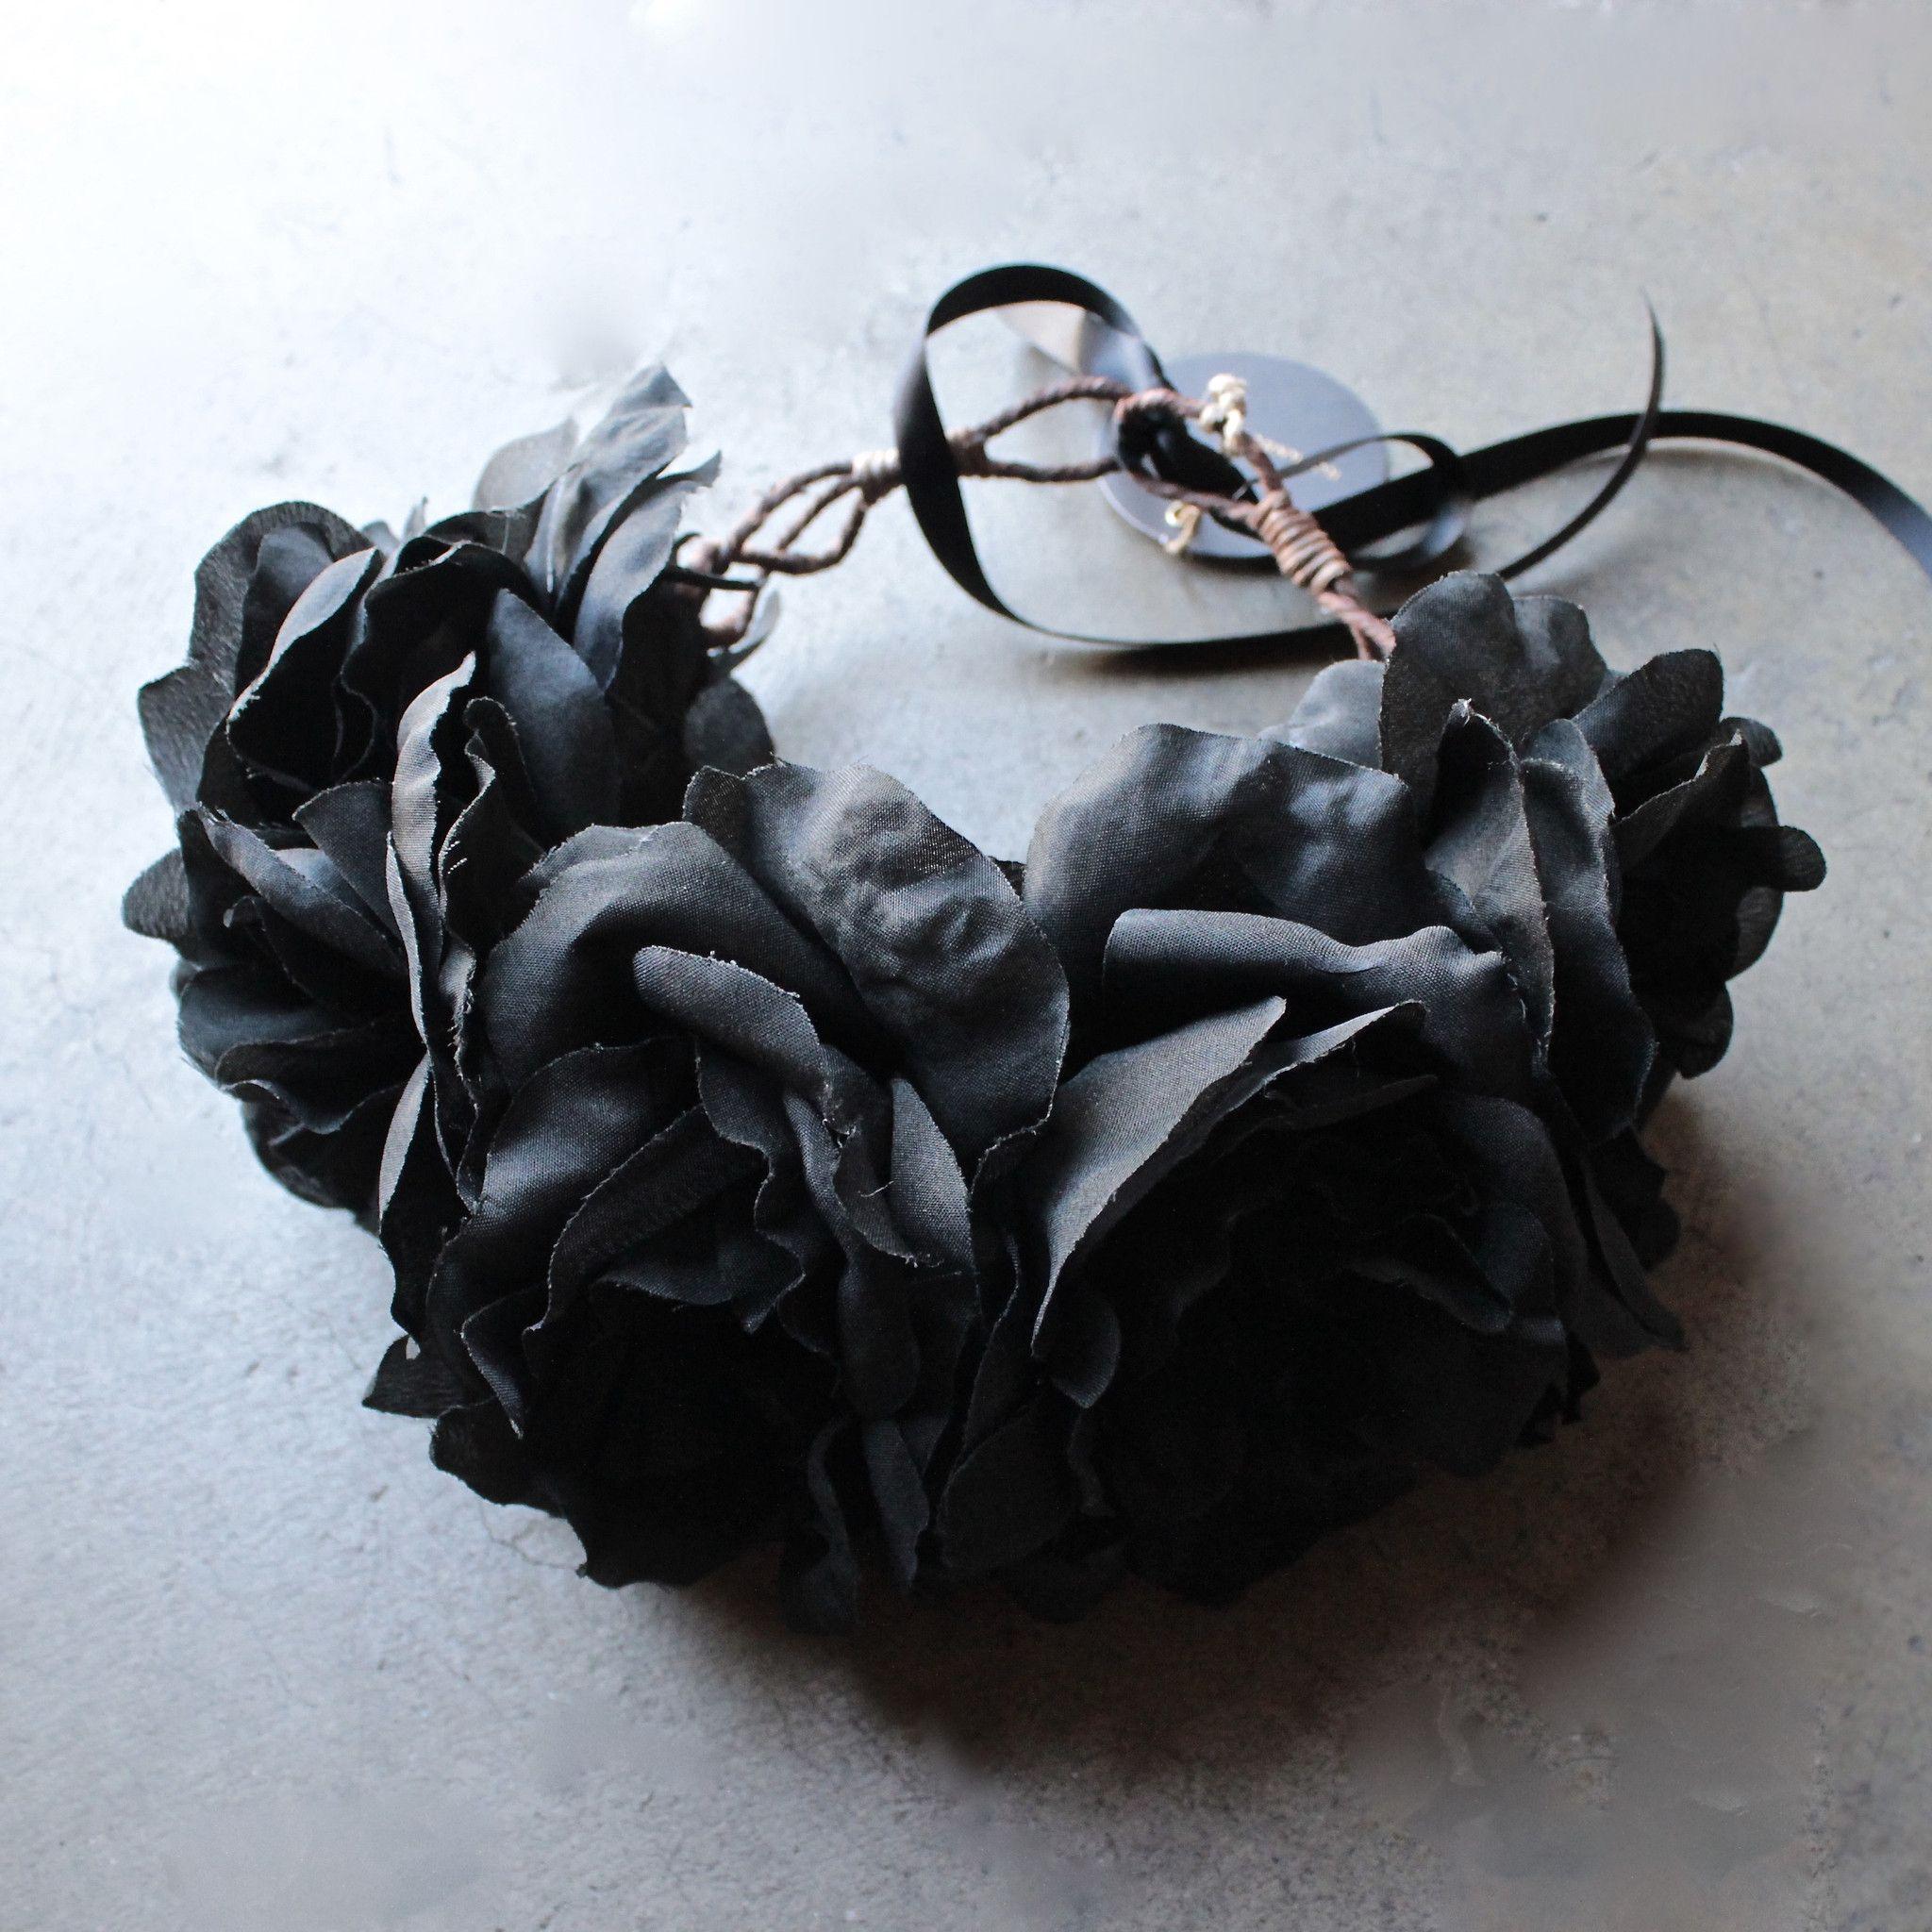 Rock n rose ophelia handmade flower crown black flower crowns rock n rose ophelia handmade flower crown black flower crowns crown and rock izmirmasajfo